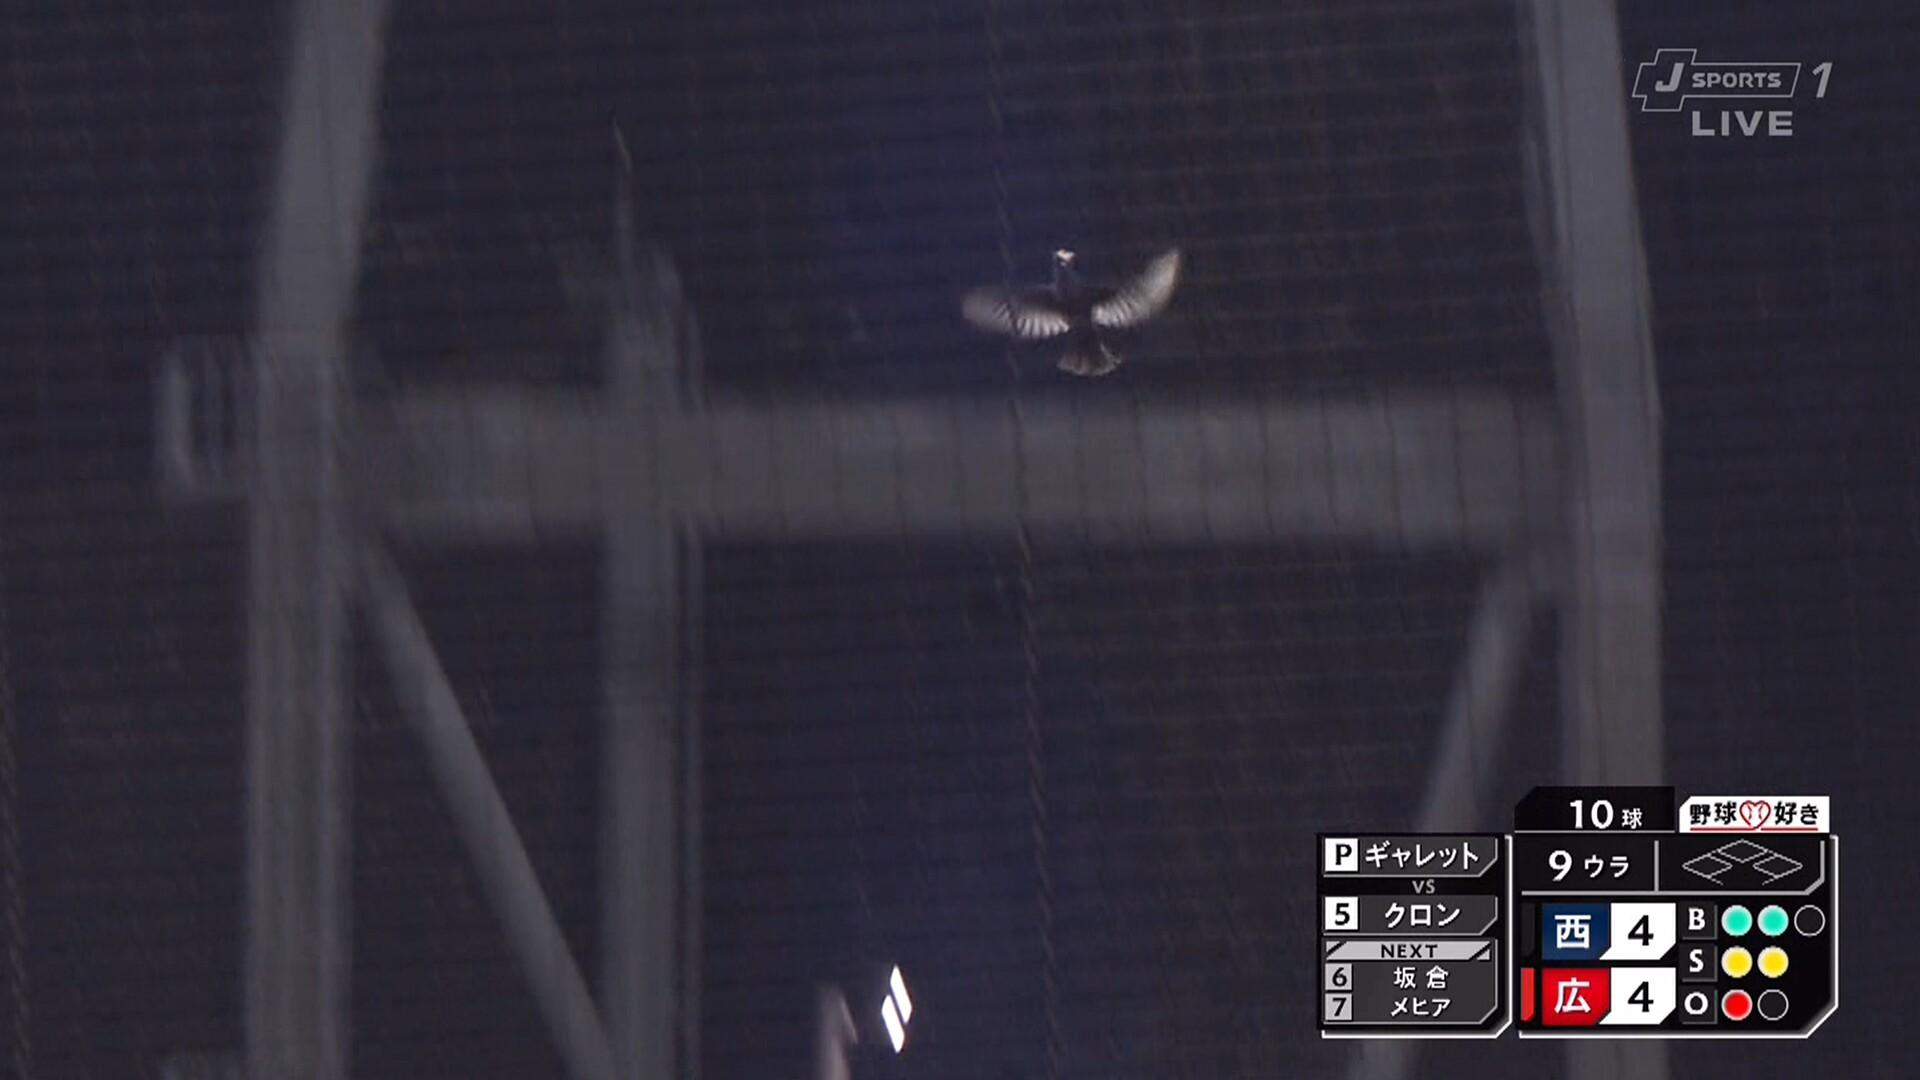 マツダスタジアム、鳥さん乱入で試合が一時中断